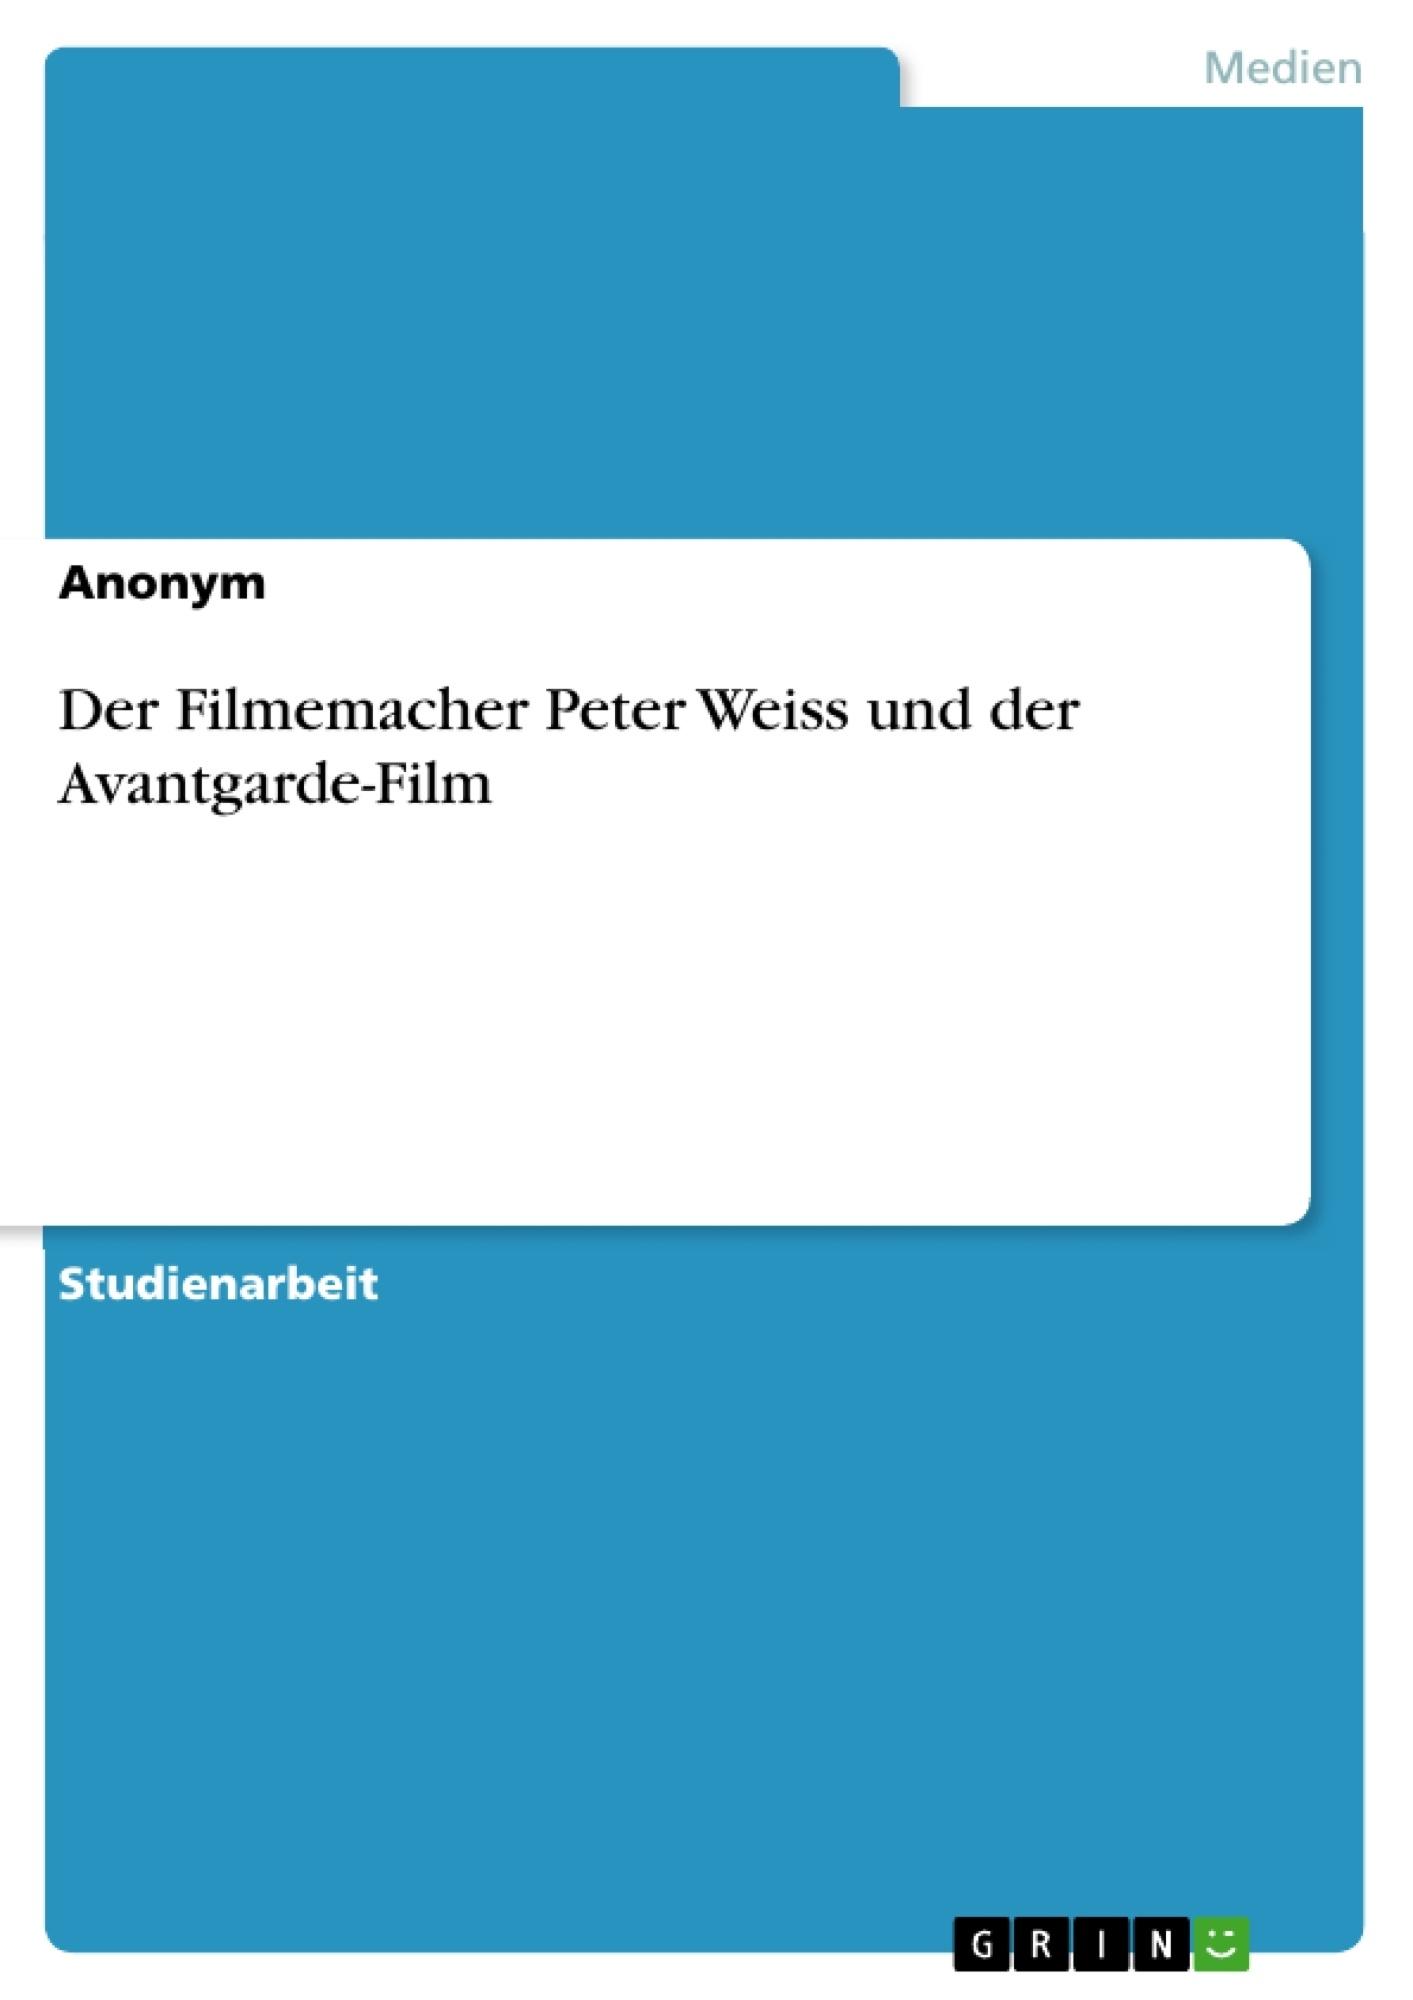 Titel: Der Filmemacher Peter Weiss und der Avantgarde-Film